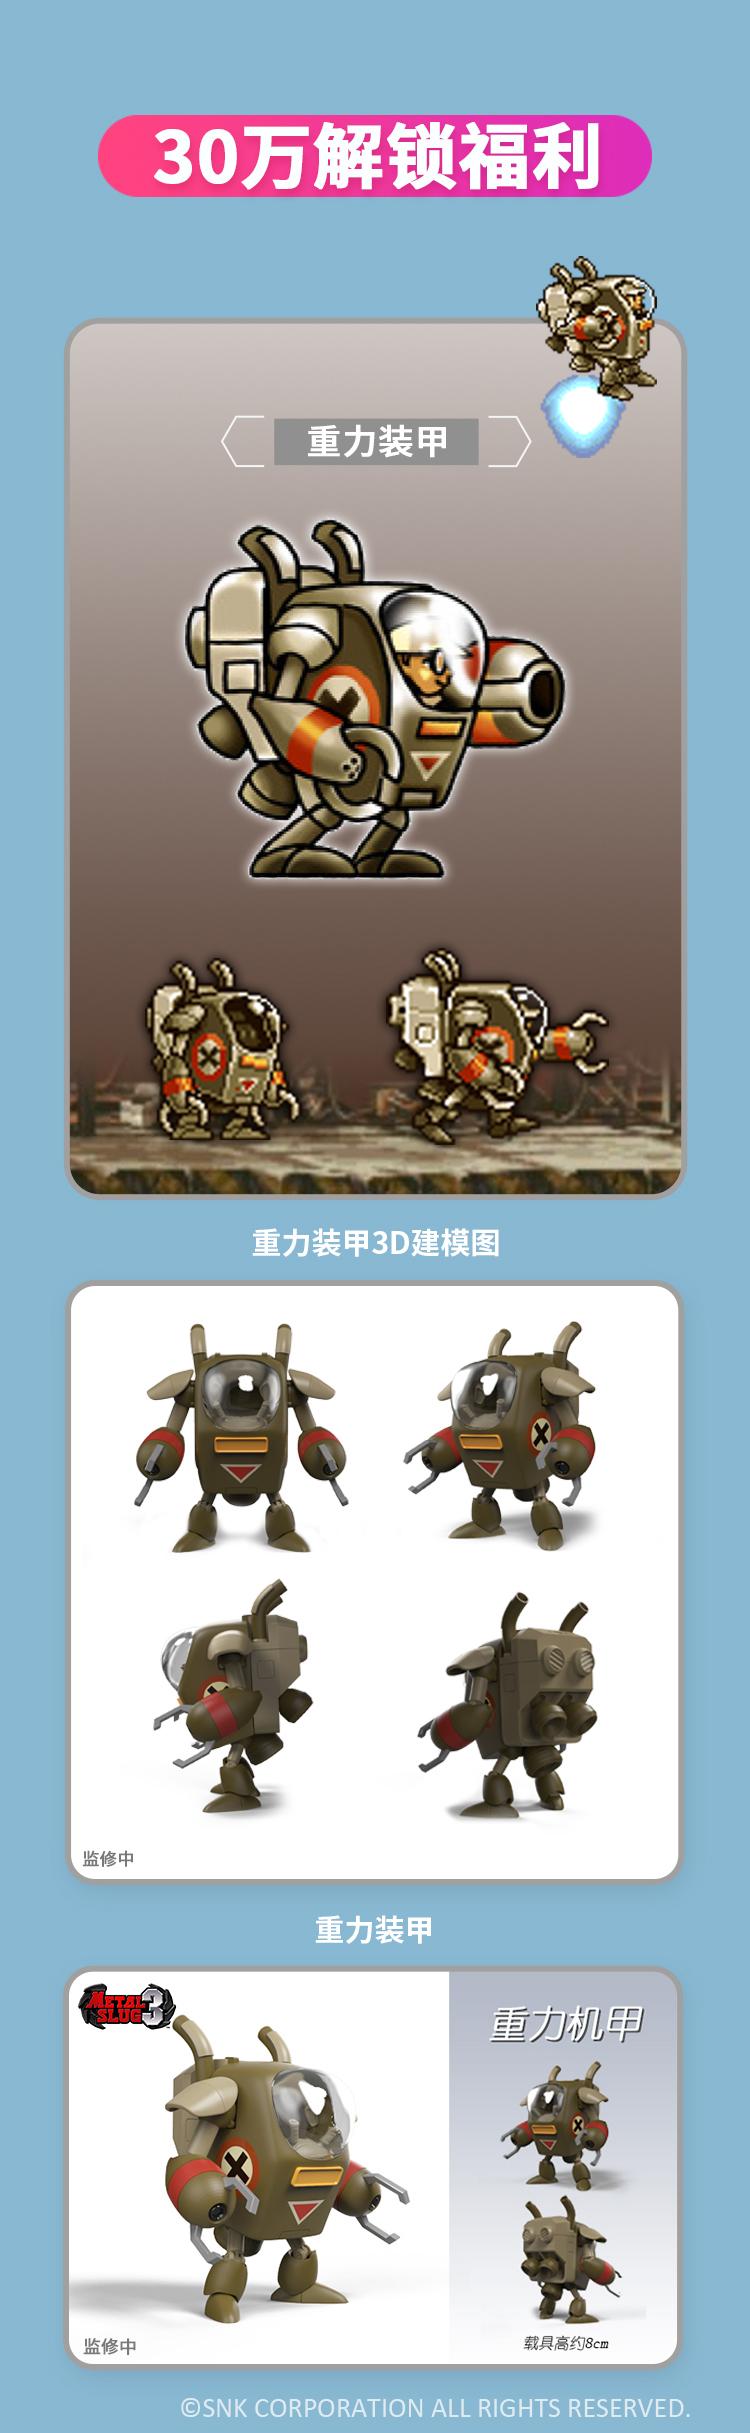 重力装甲更新.jpg